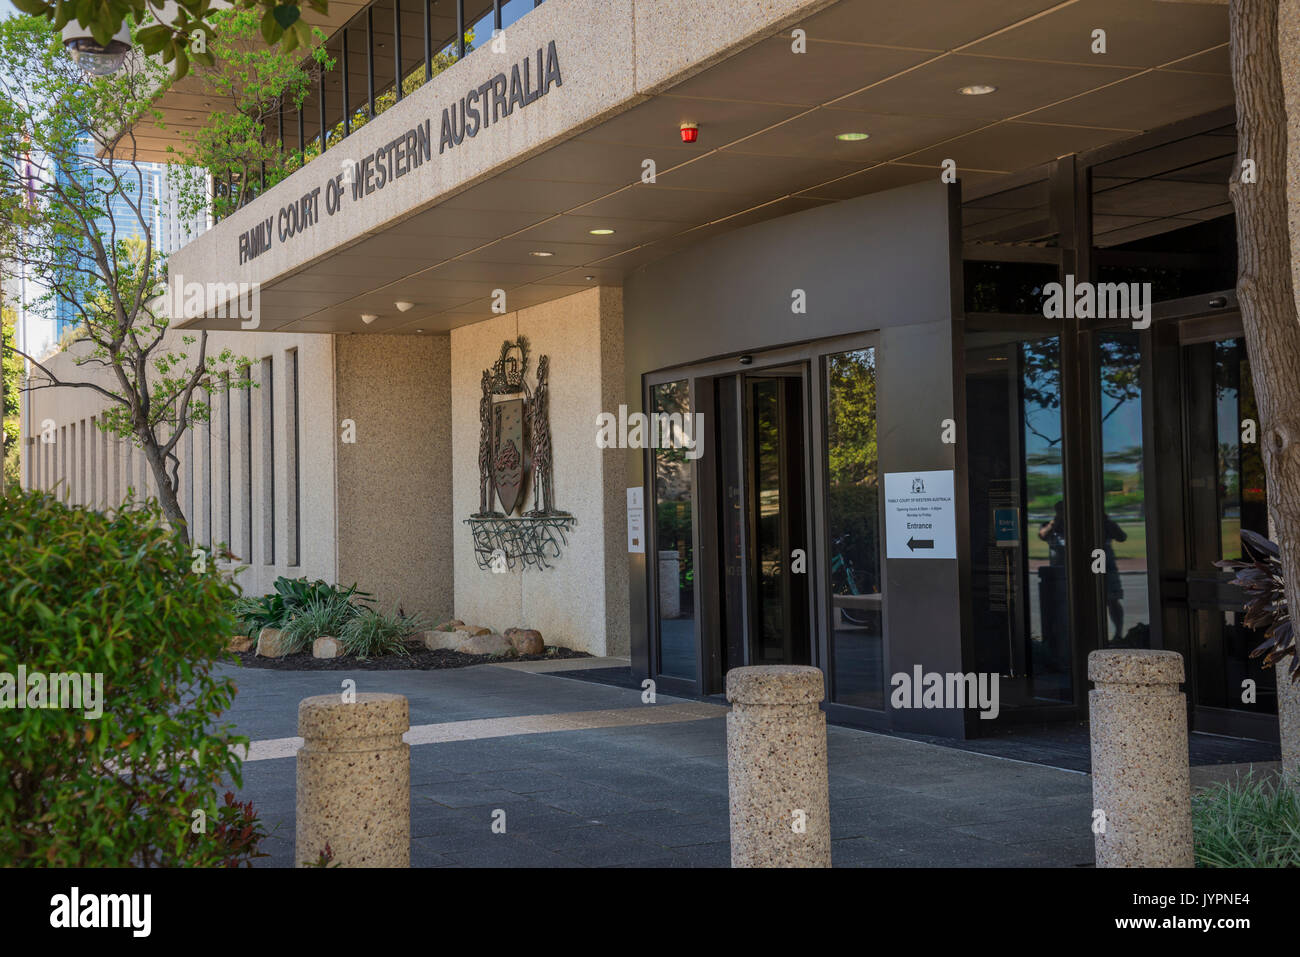 Family Court Of Australia Stock Photos & Family Court Of